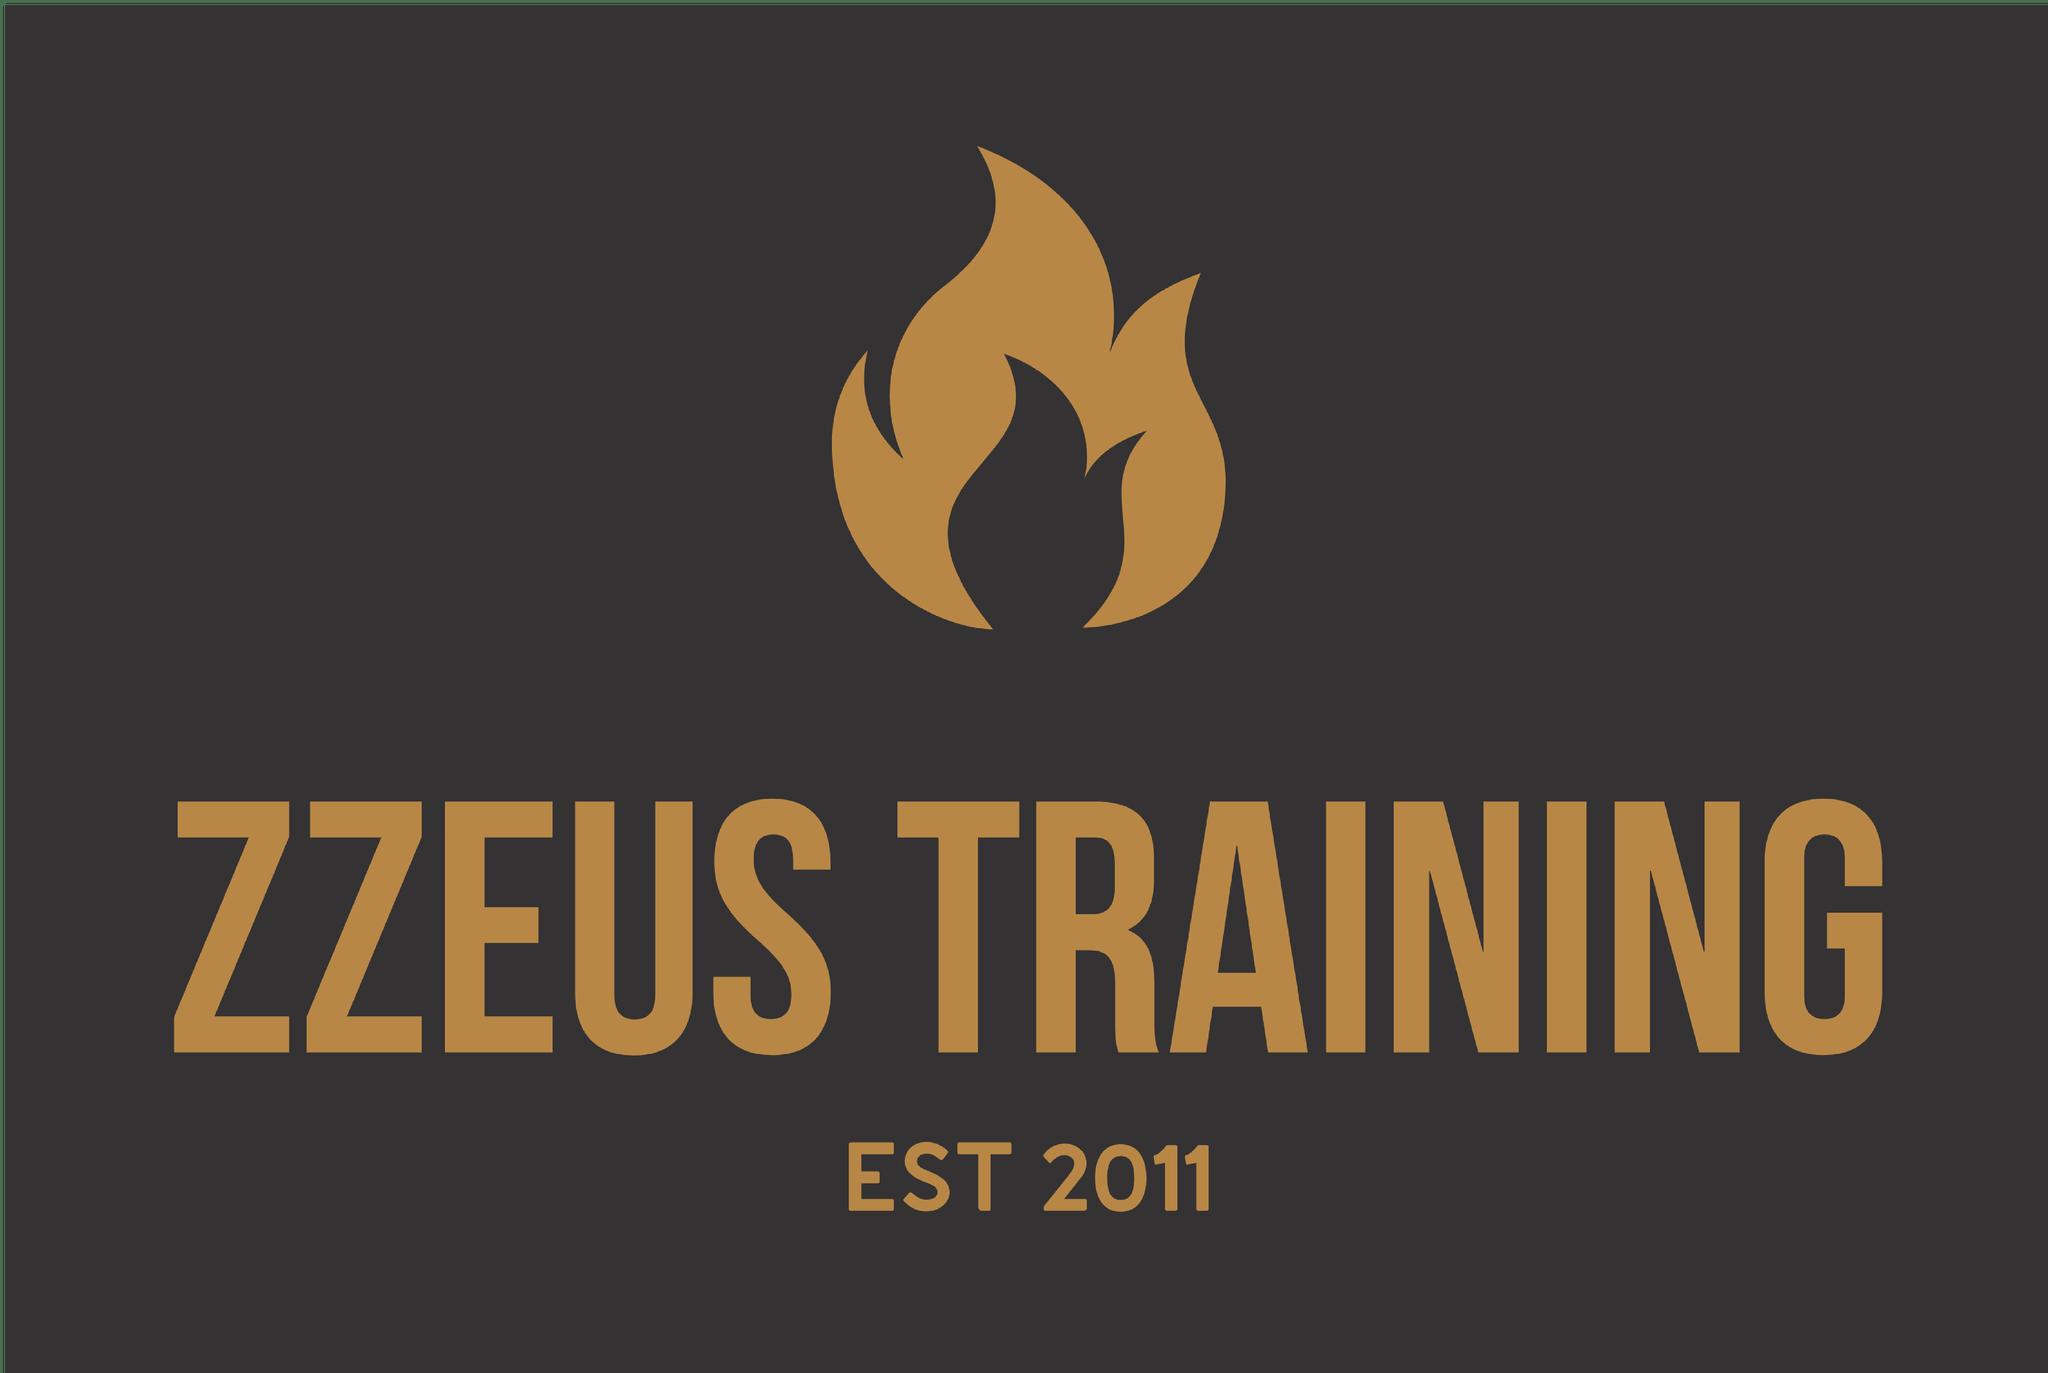 Zzeus Training